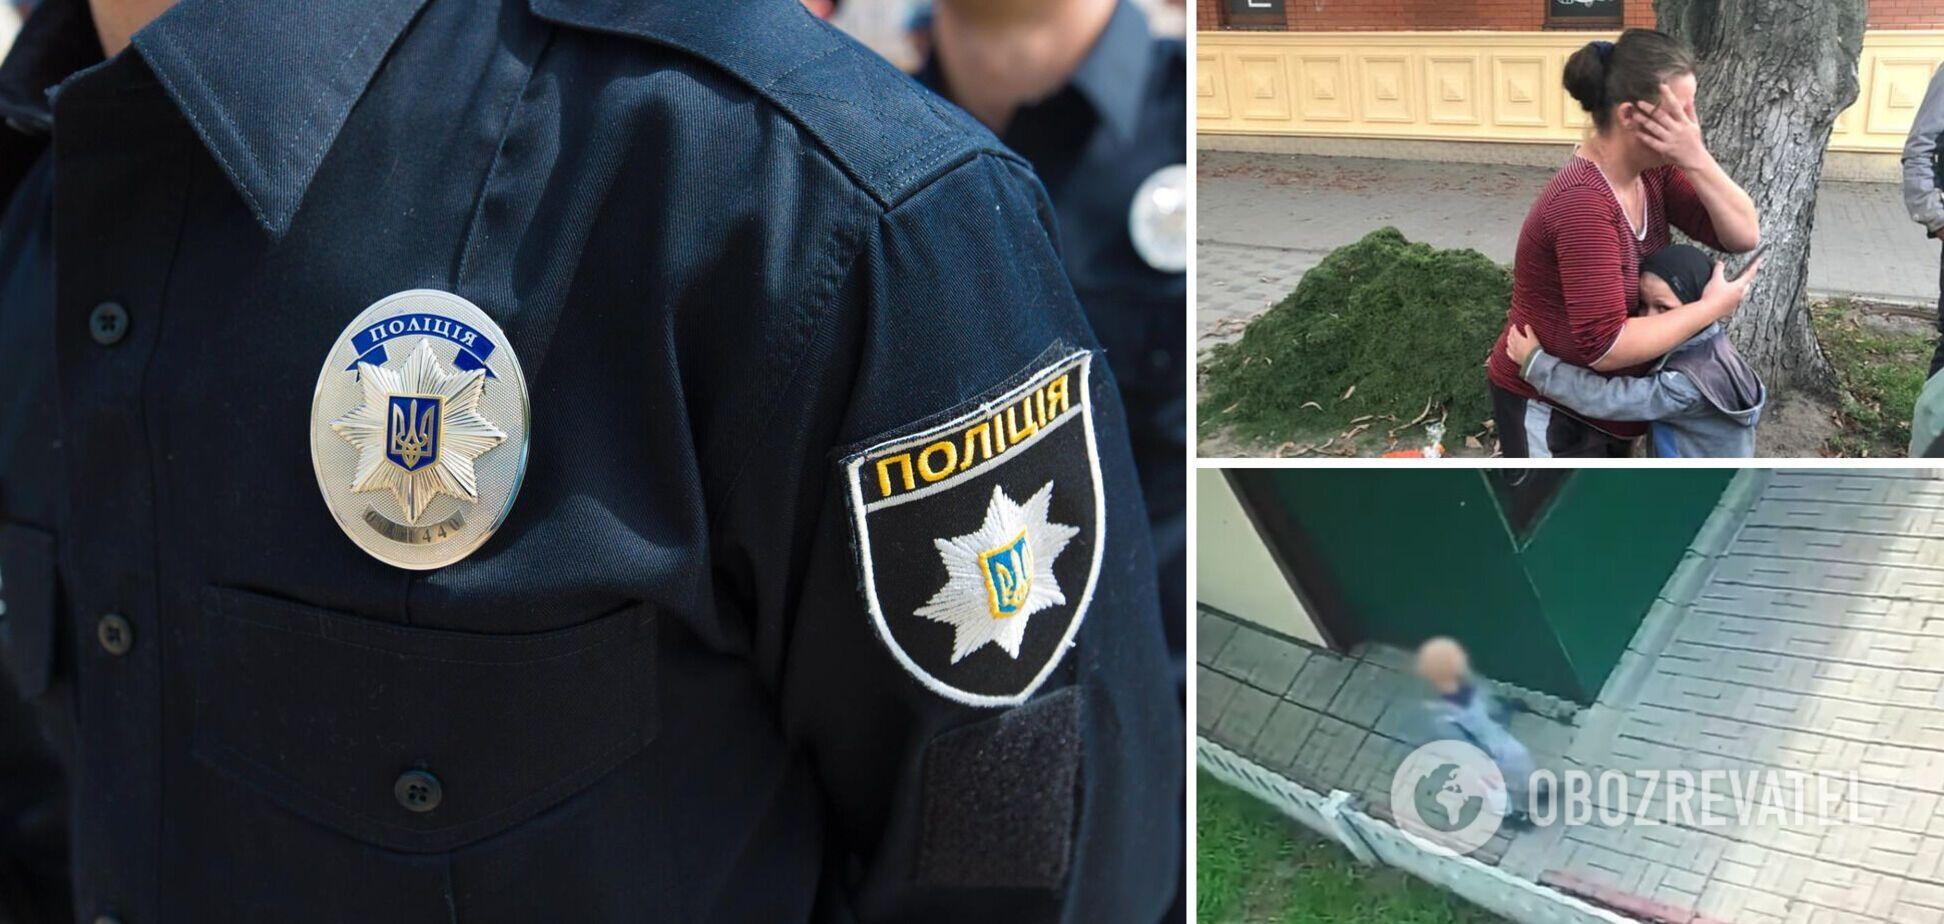 Під Києвом знайшли 8-річного хлопчика, який не прийшов додому через двійки в школі. Фото та відео